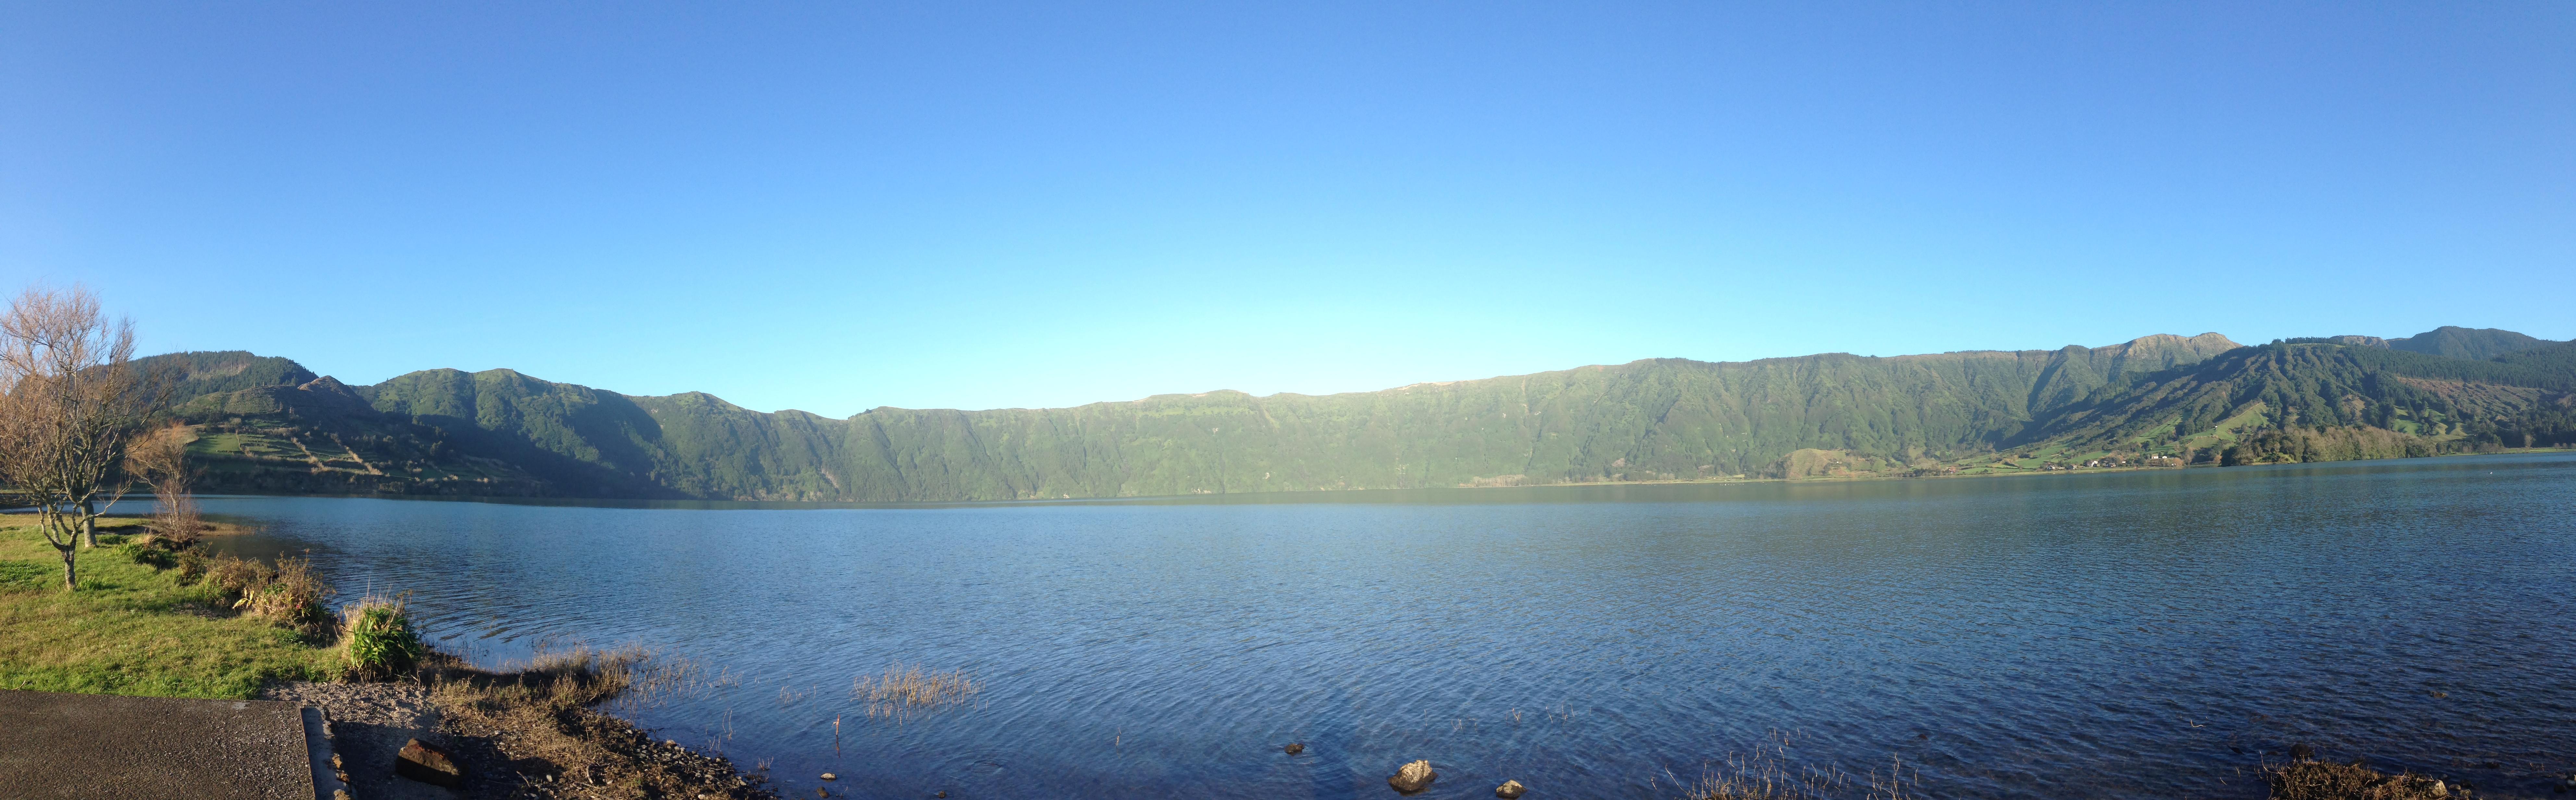 El lago desde Sete Cidades